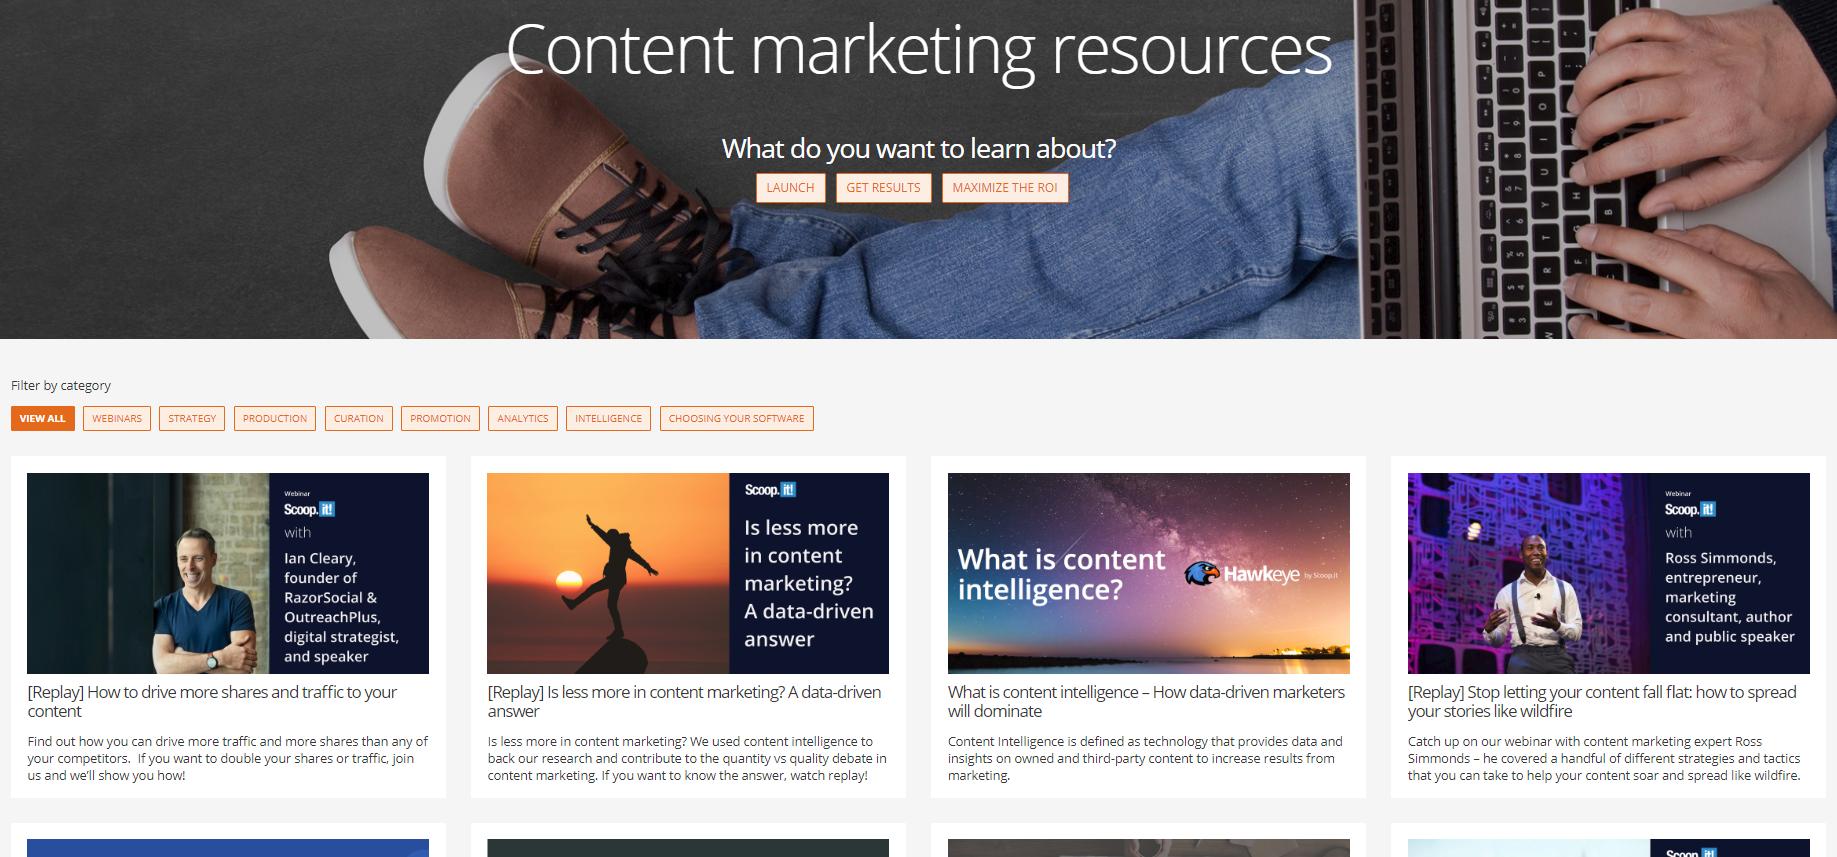 scoop.it content hub